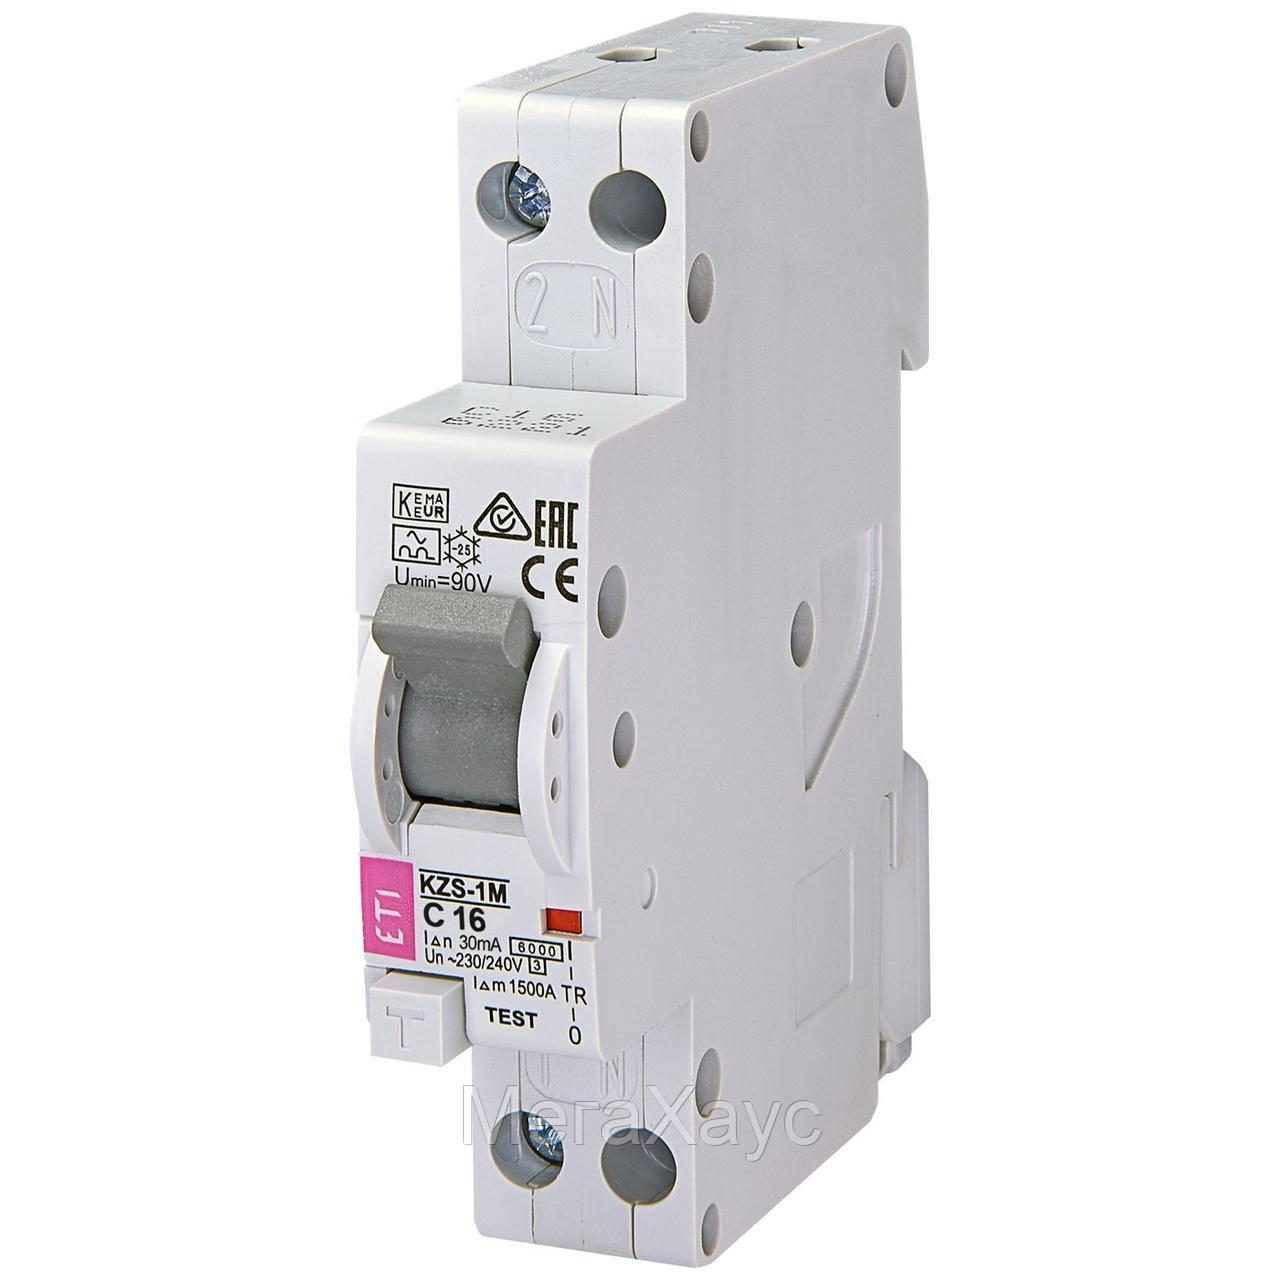 Дифференциальный  автоматический выключатель ETI KZS-1M C 16/0,03 тип A (6kA) (н